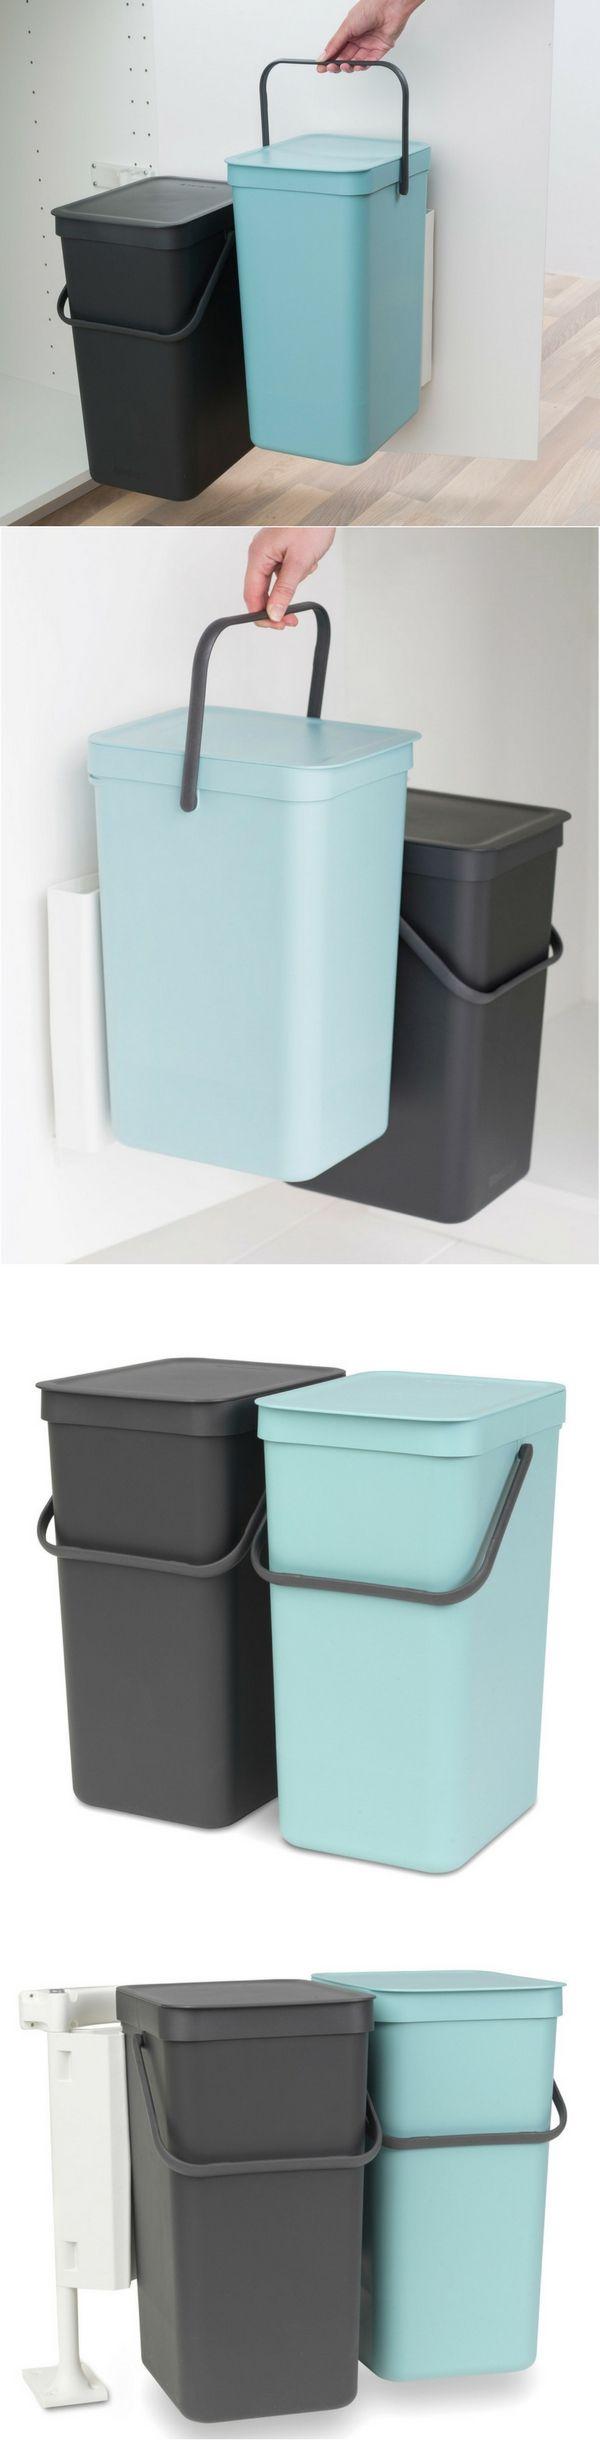 Une Poubelle De Tri Fonctionnelle Et Gain De Place Pour Les Petites Cuisines Poubelle De Tri En Plastique 2x16l